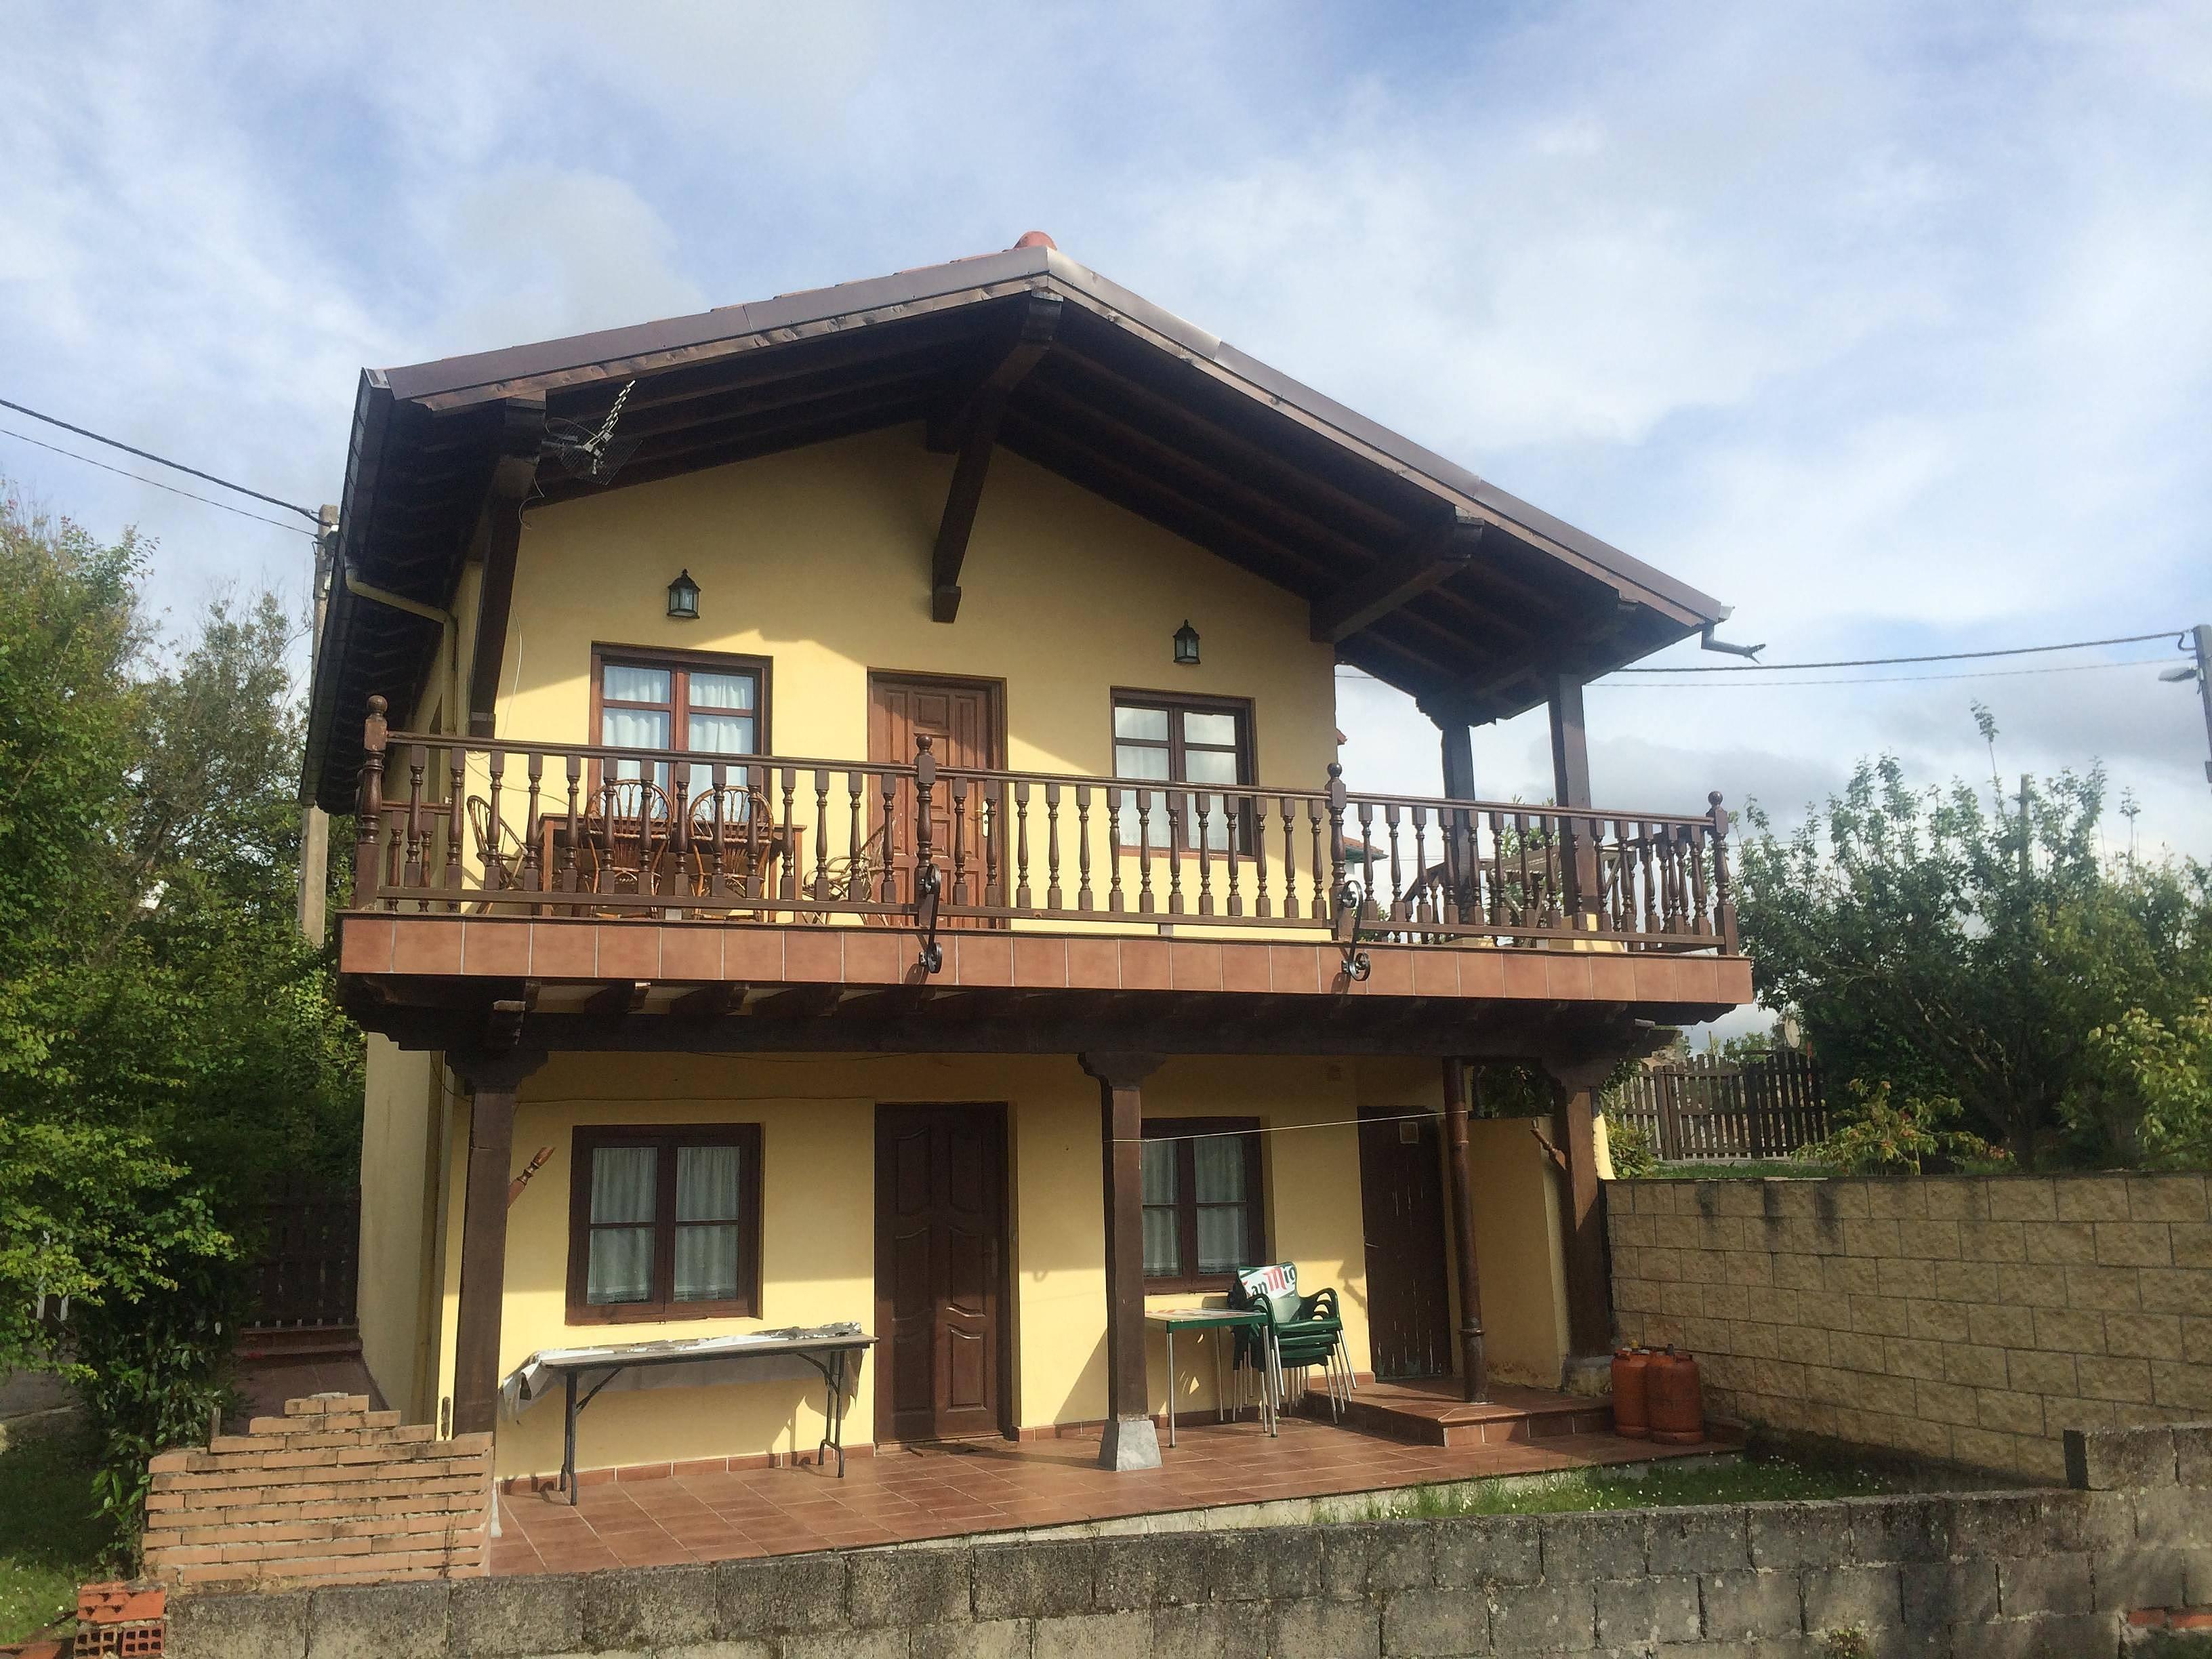 Alquiler de casas vacacionales en comillas cantabria rurales chalets bungalows - Casas vacacionales madrid ...